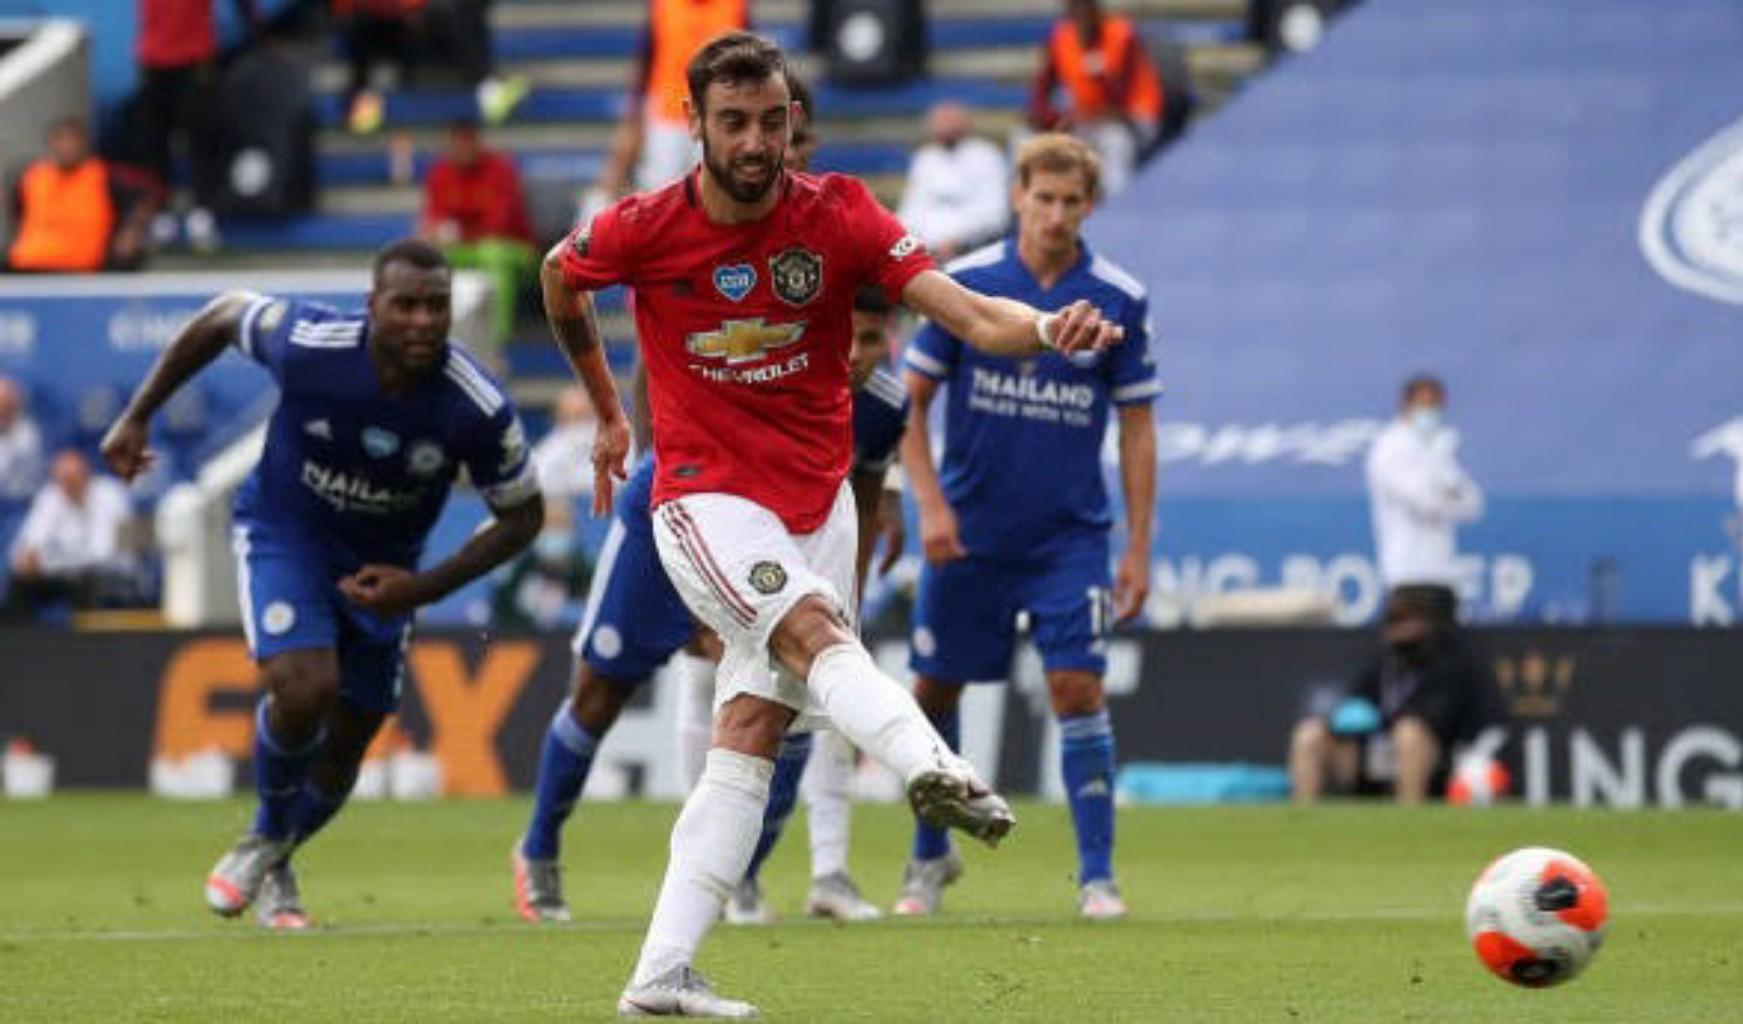 EPL: Man Utd, Chelsea seal UCL spots